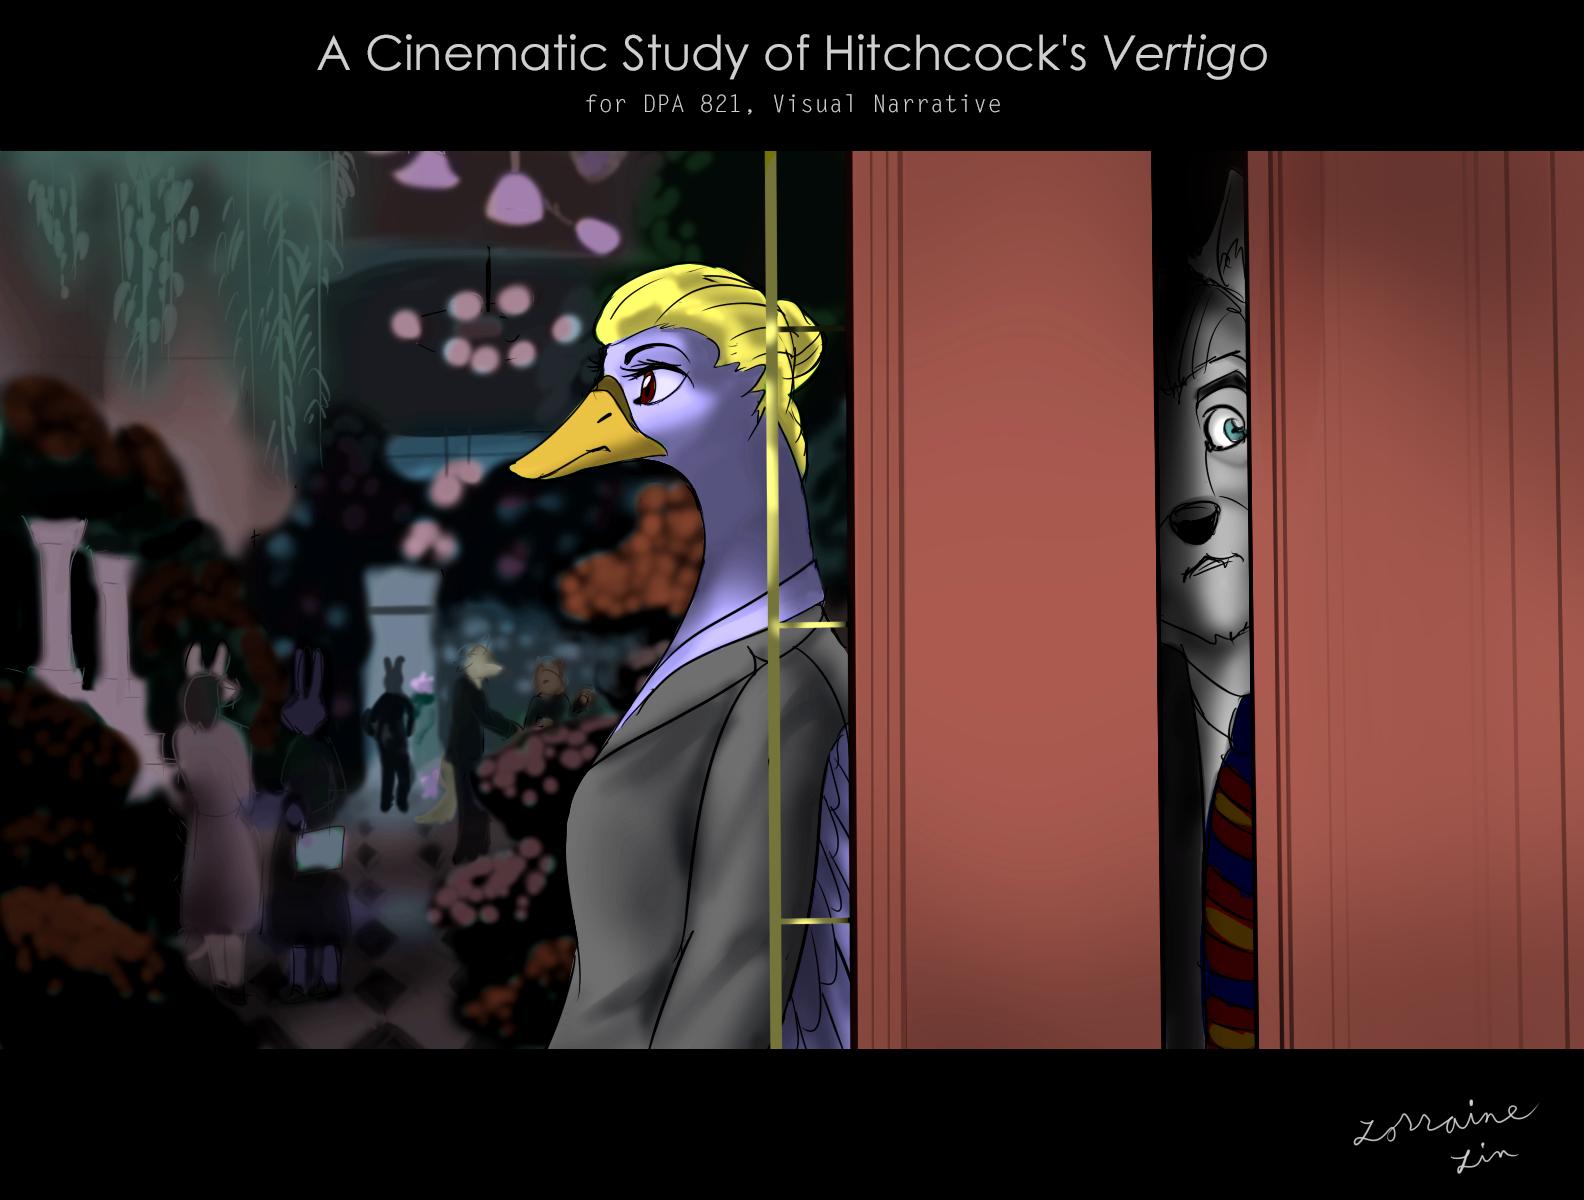 cinematic_study__hitchcocks_vertigo2015.png